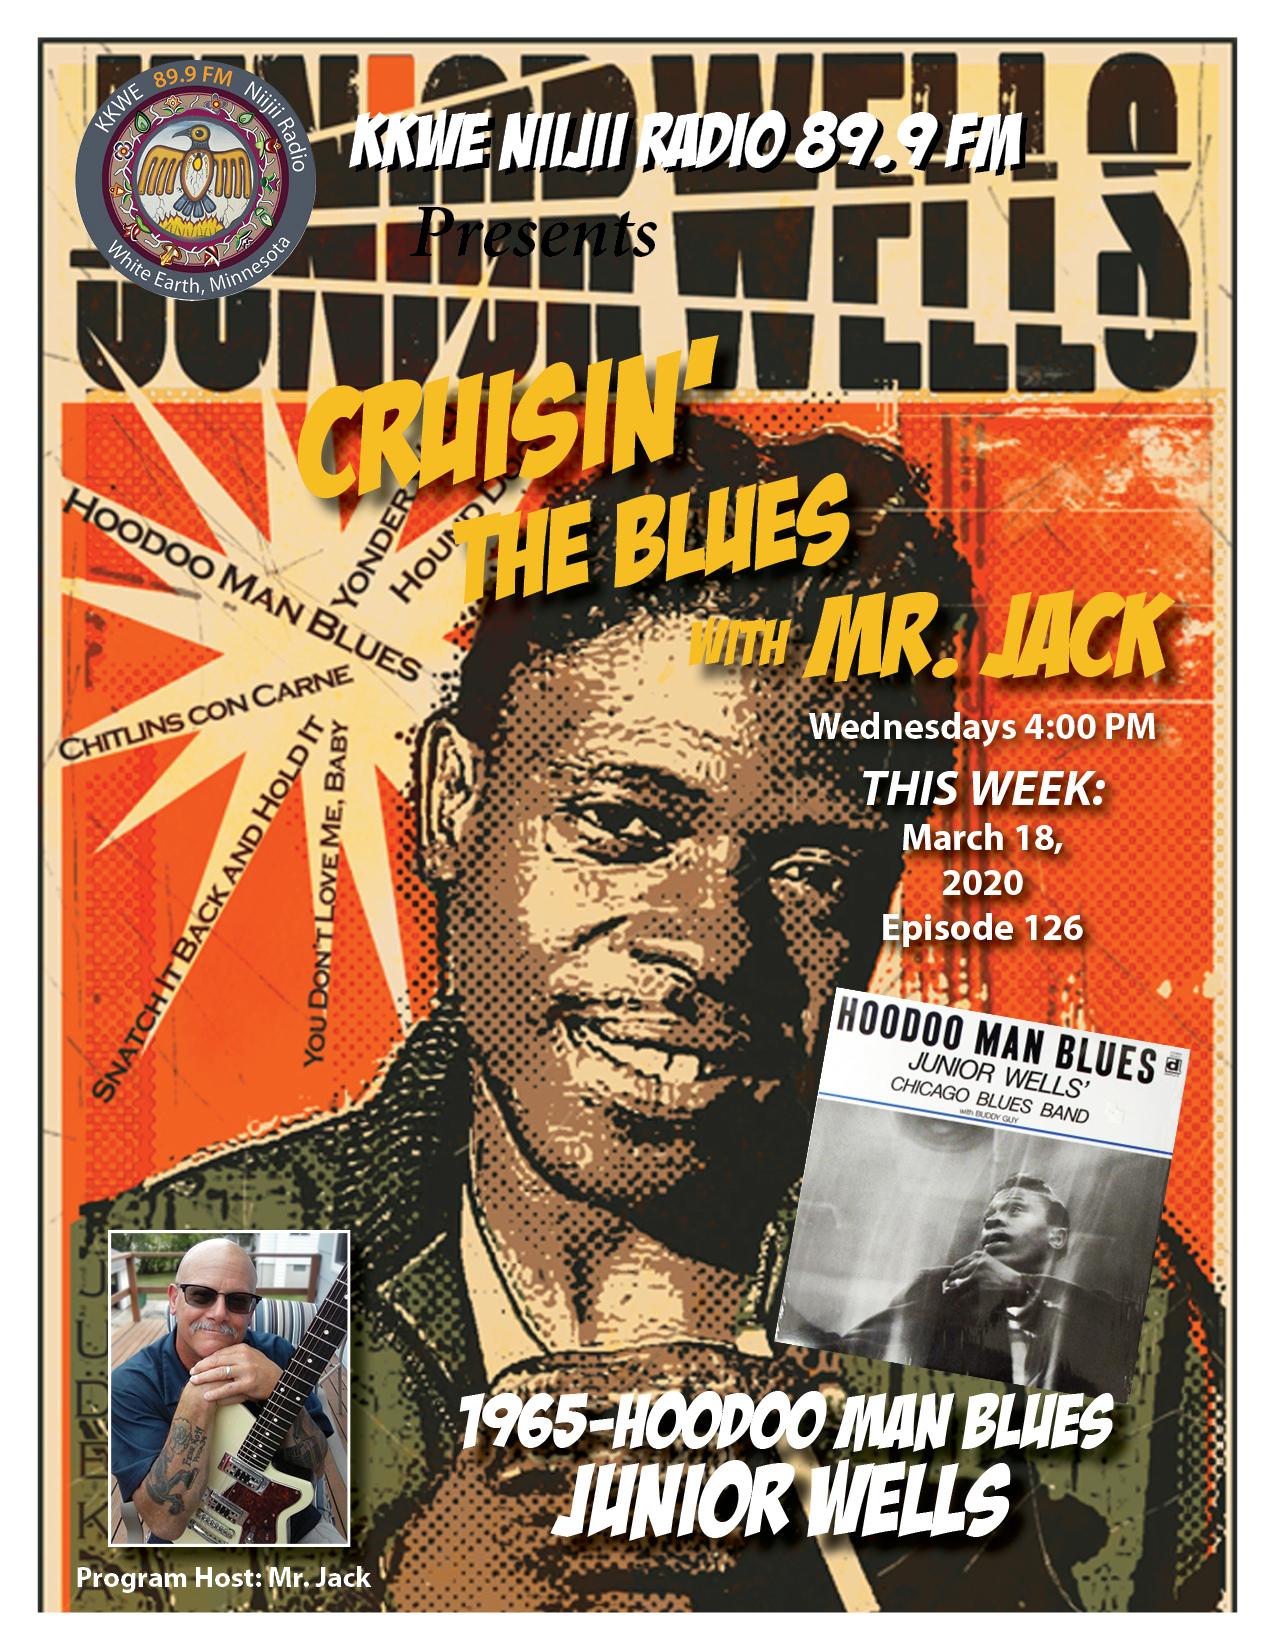 EP126 Hoo Doo Man Blues